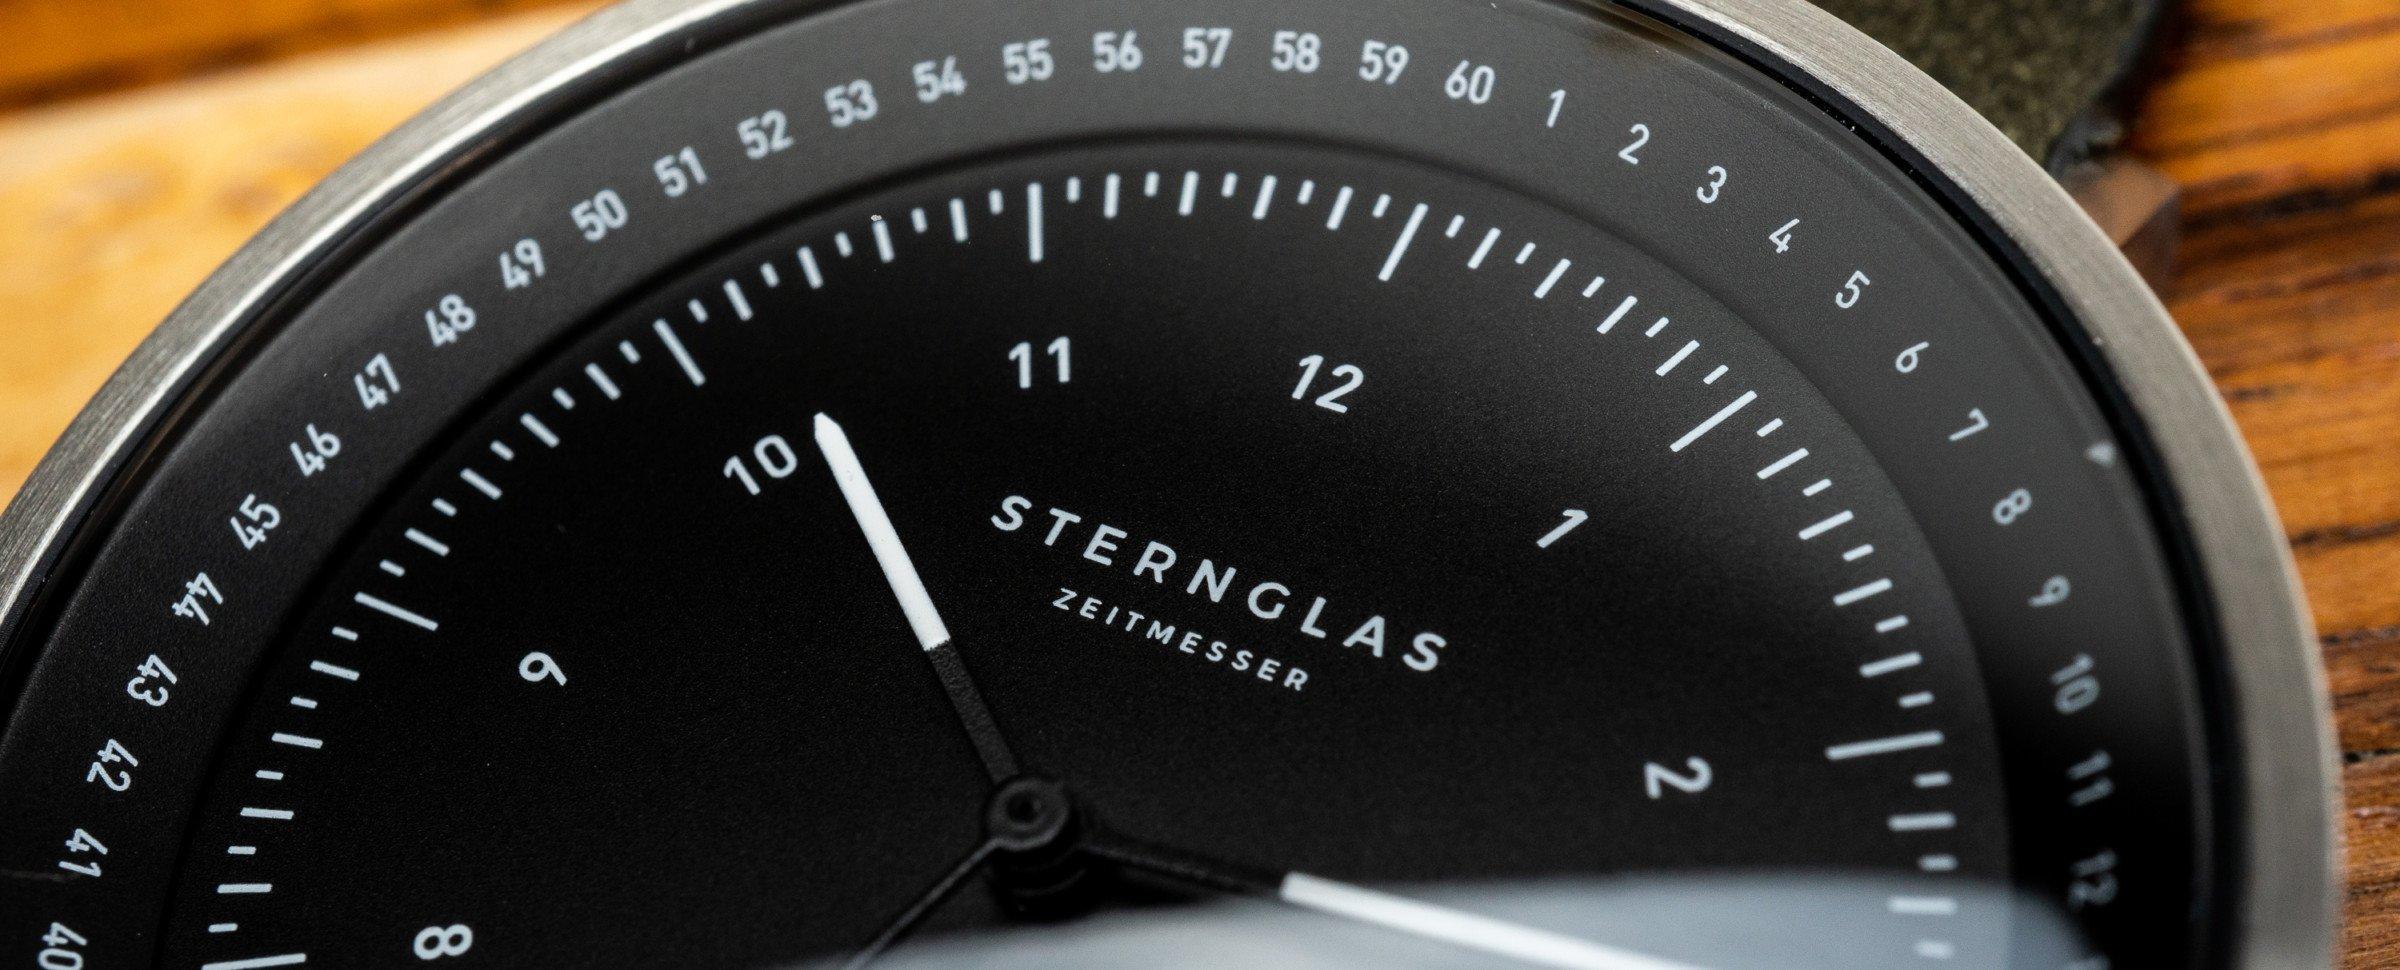 STERNGLAS Zeitmesser Automatik Test